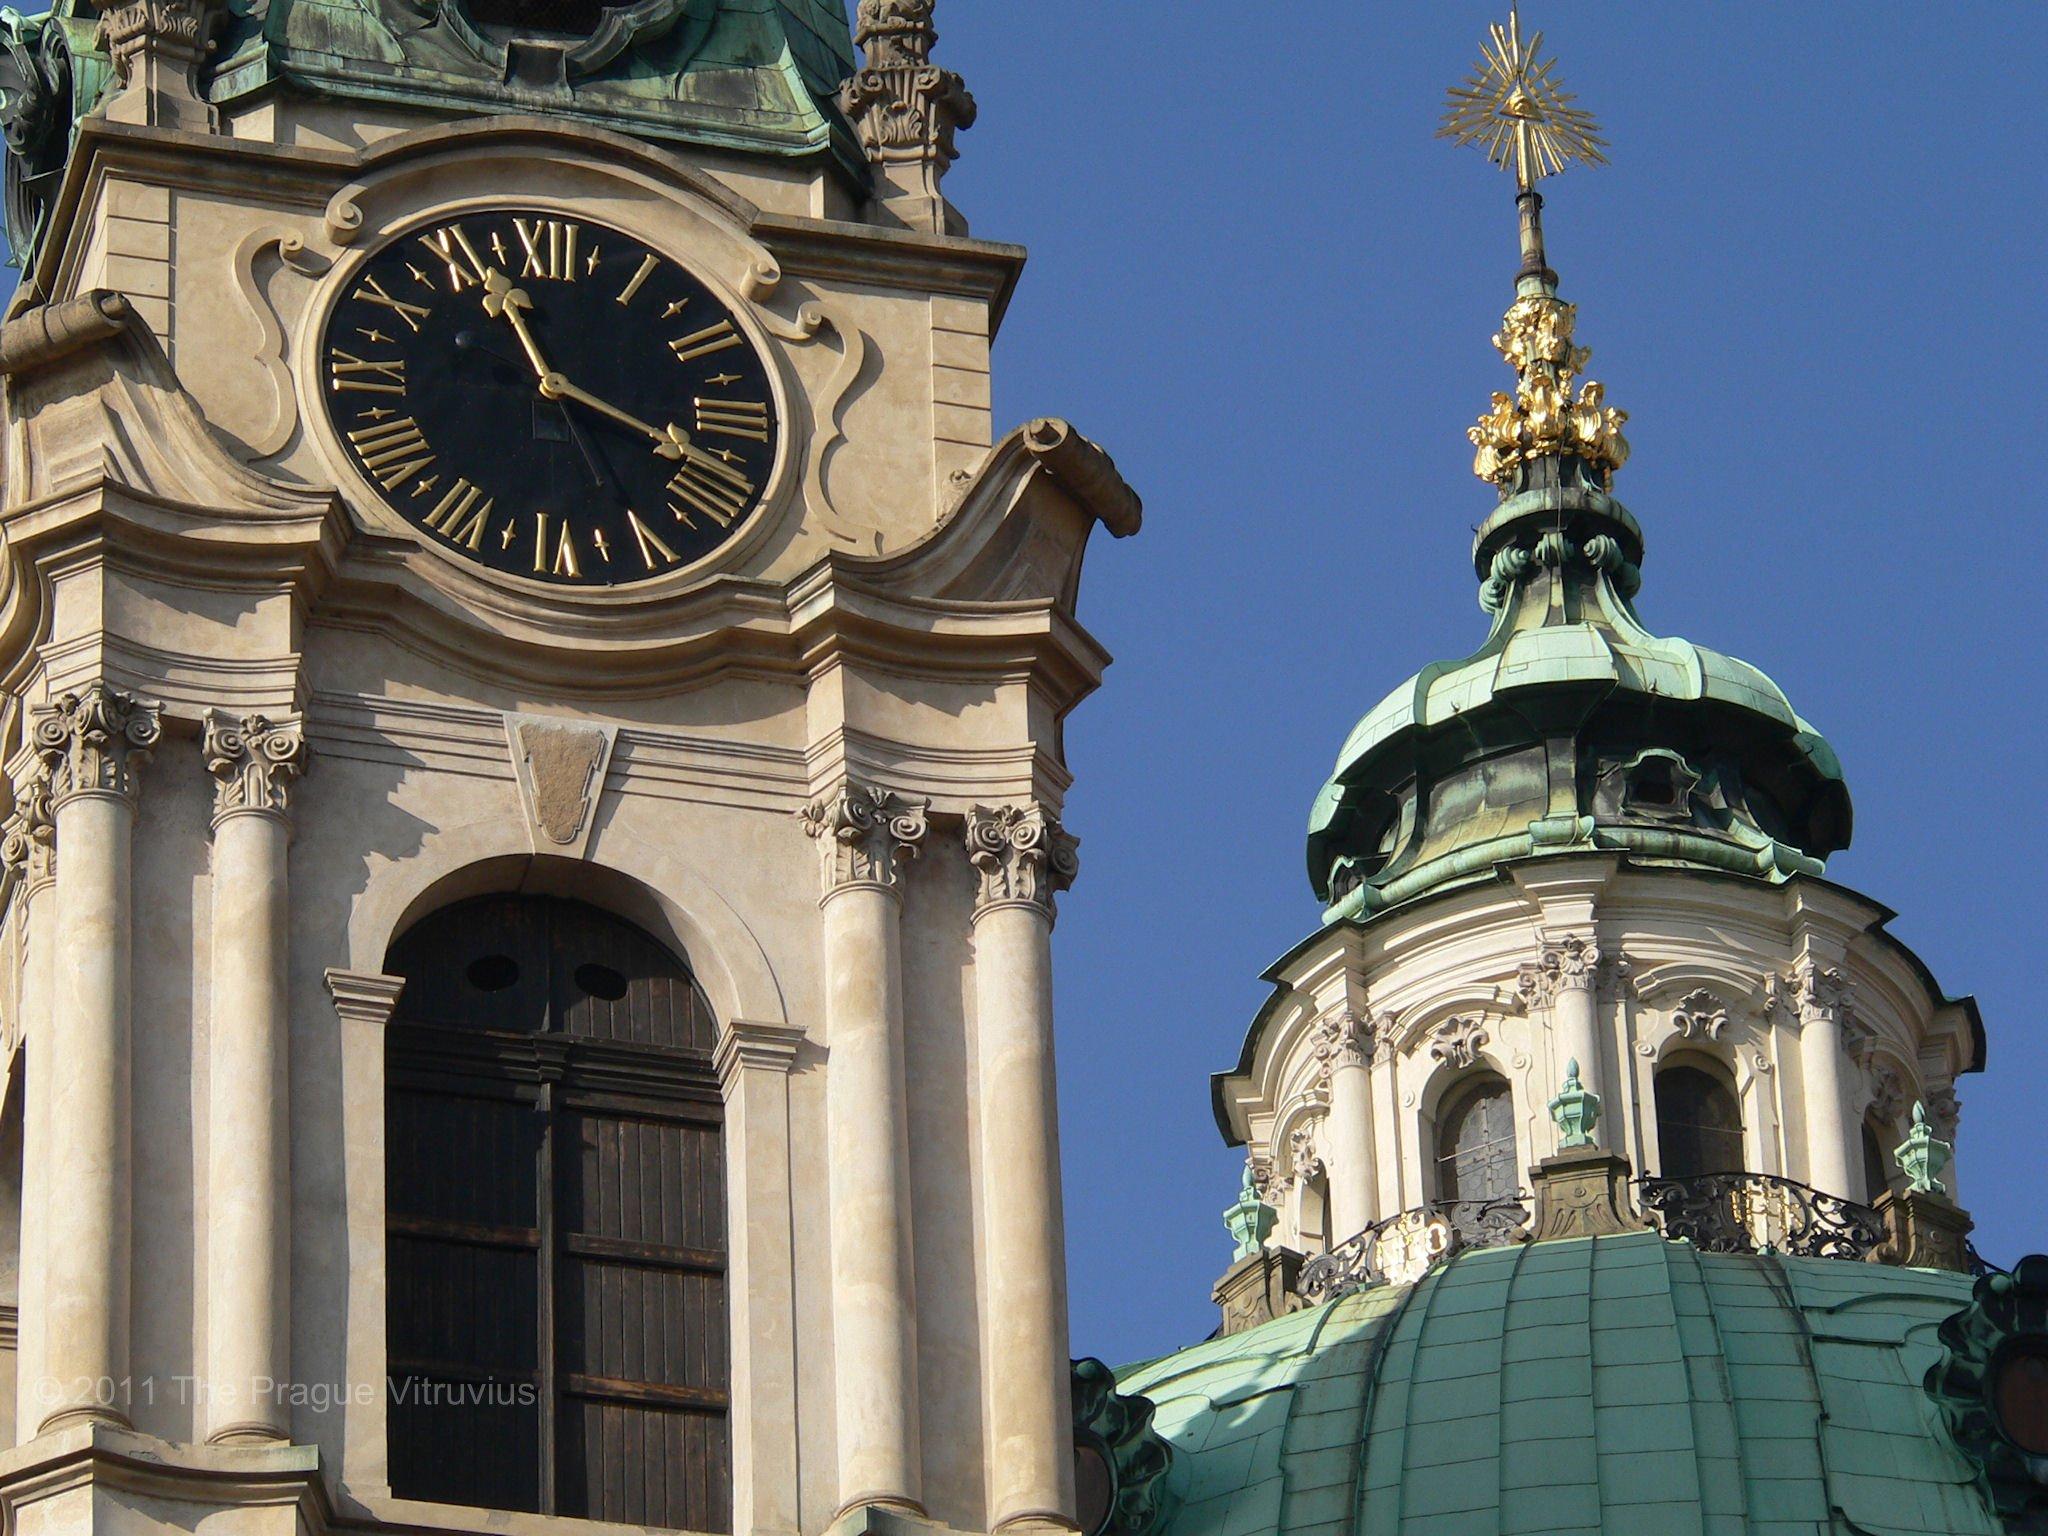 Saint Nicholas in Mala Strana, Prague, detail